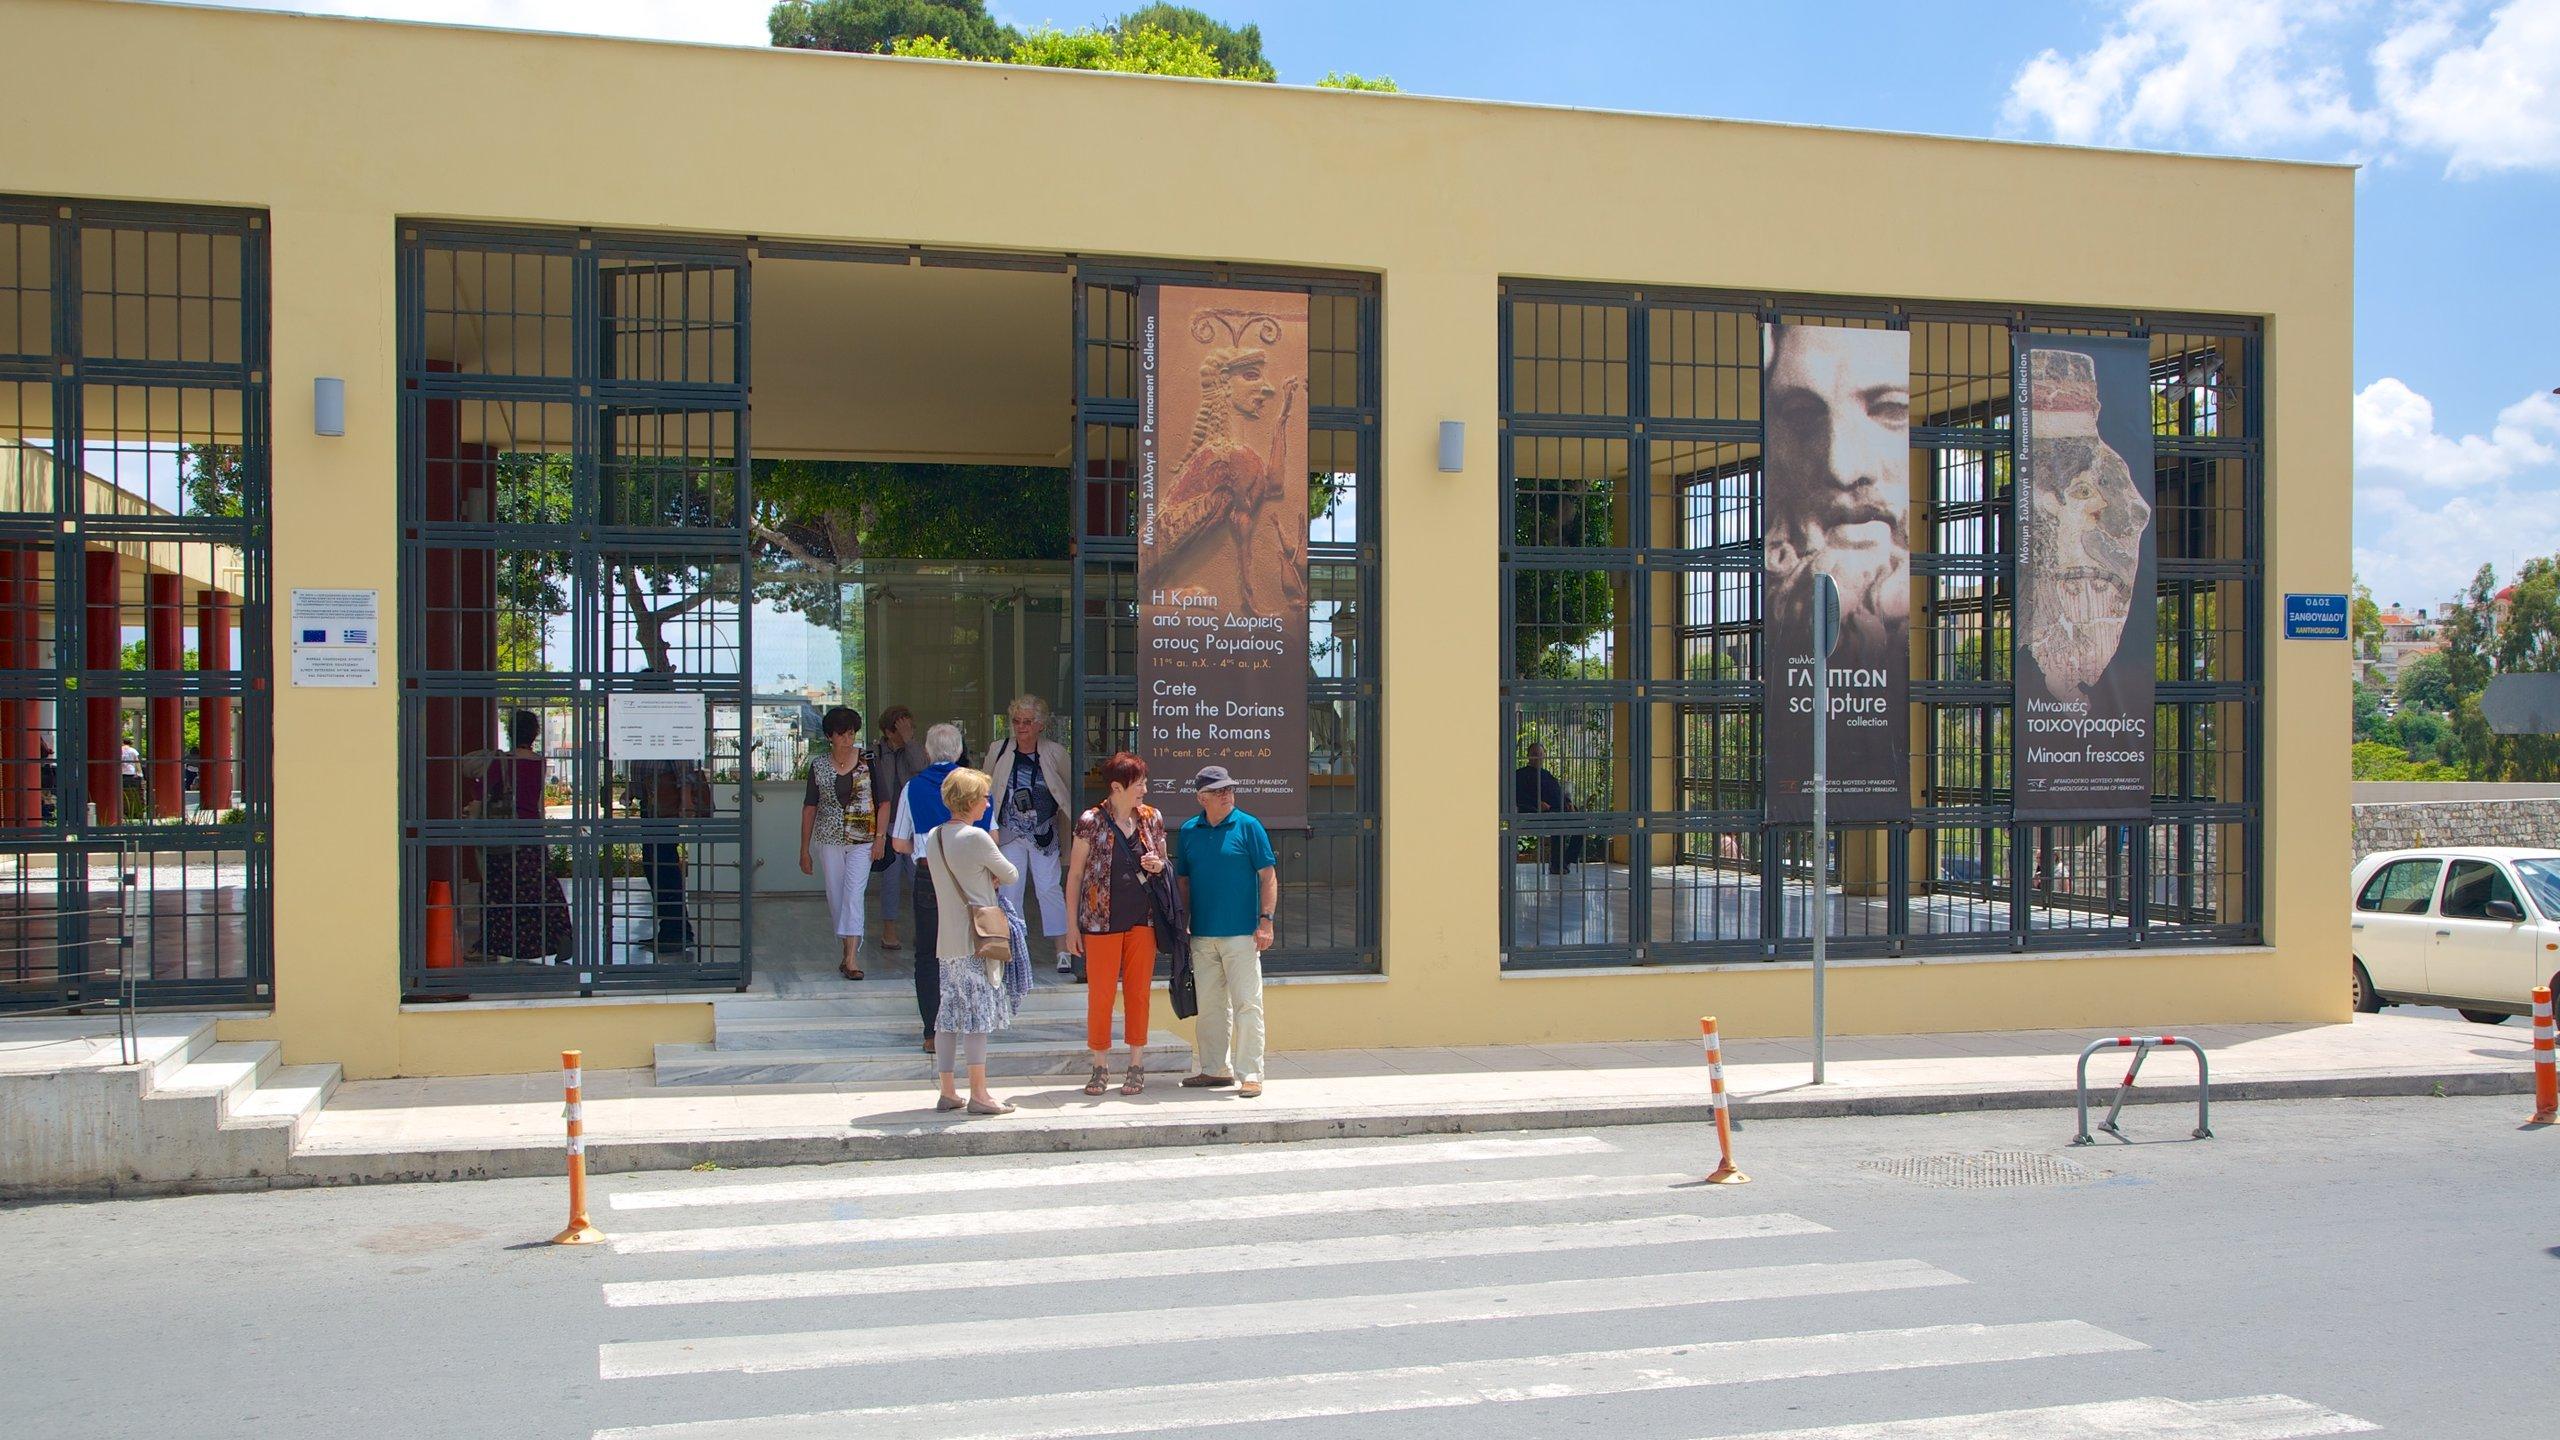 Archäologisches Museum von Heraklion, Heraklion, Kreta, Griechenland